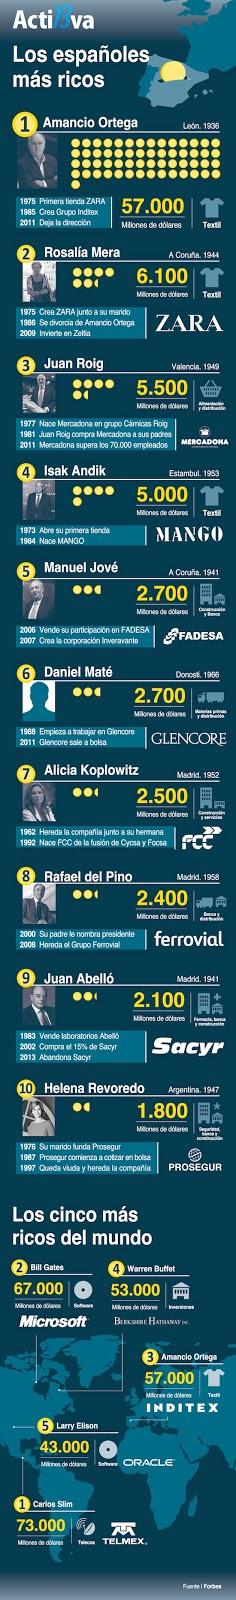 Los 10 españoles más ricos del 2013